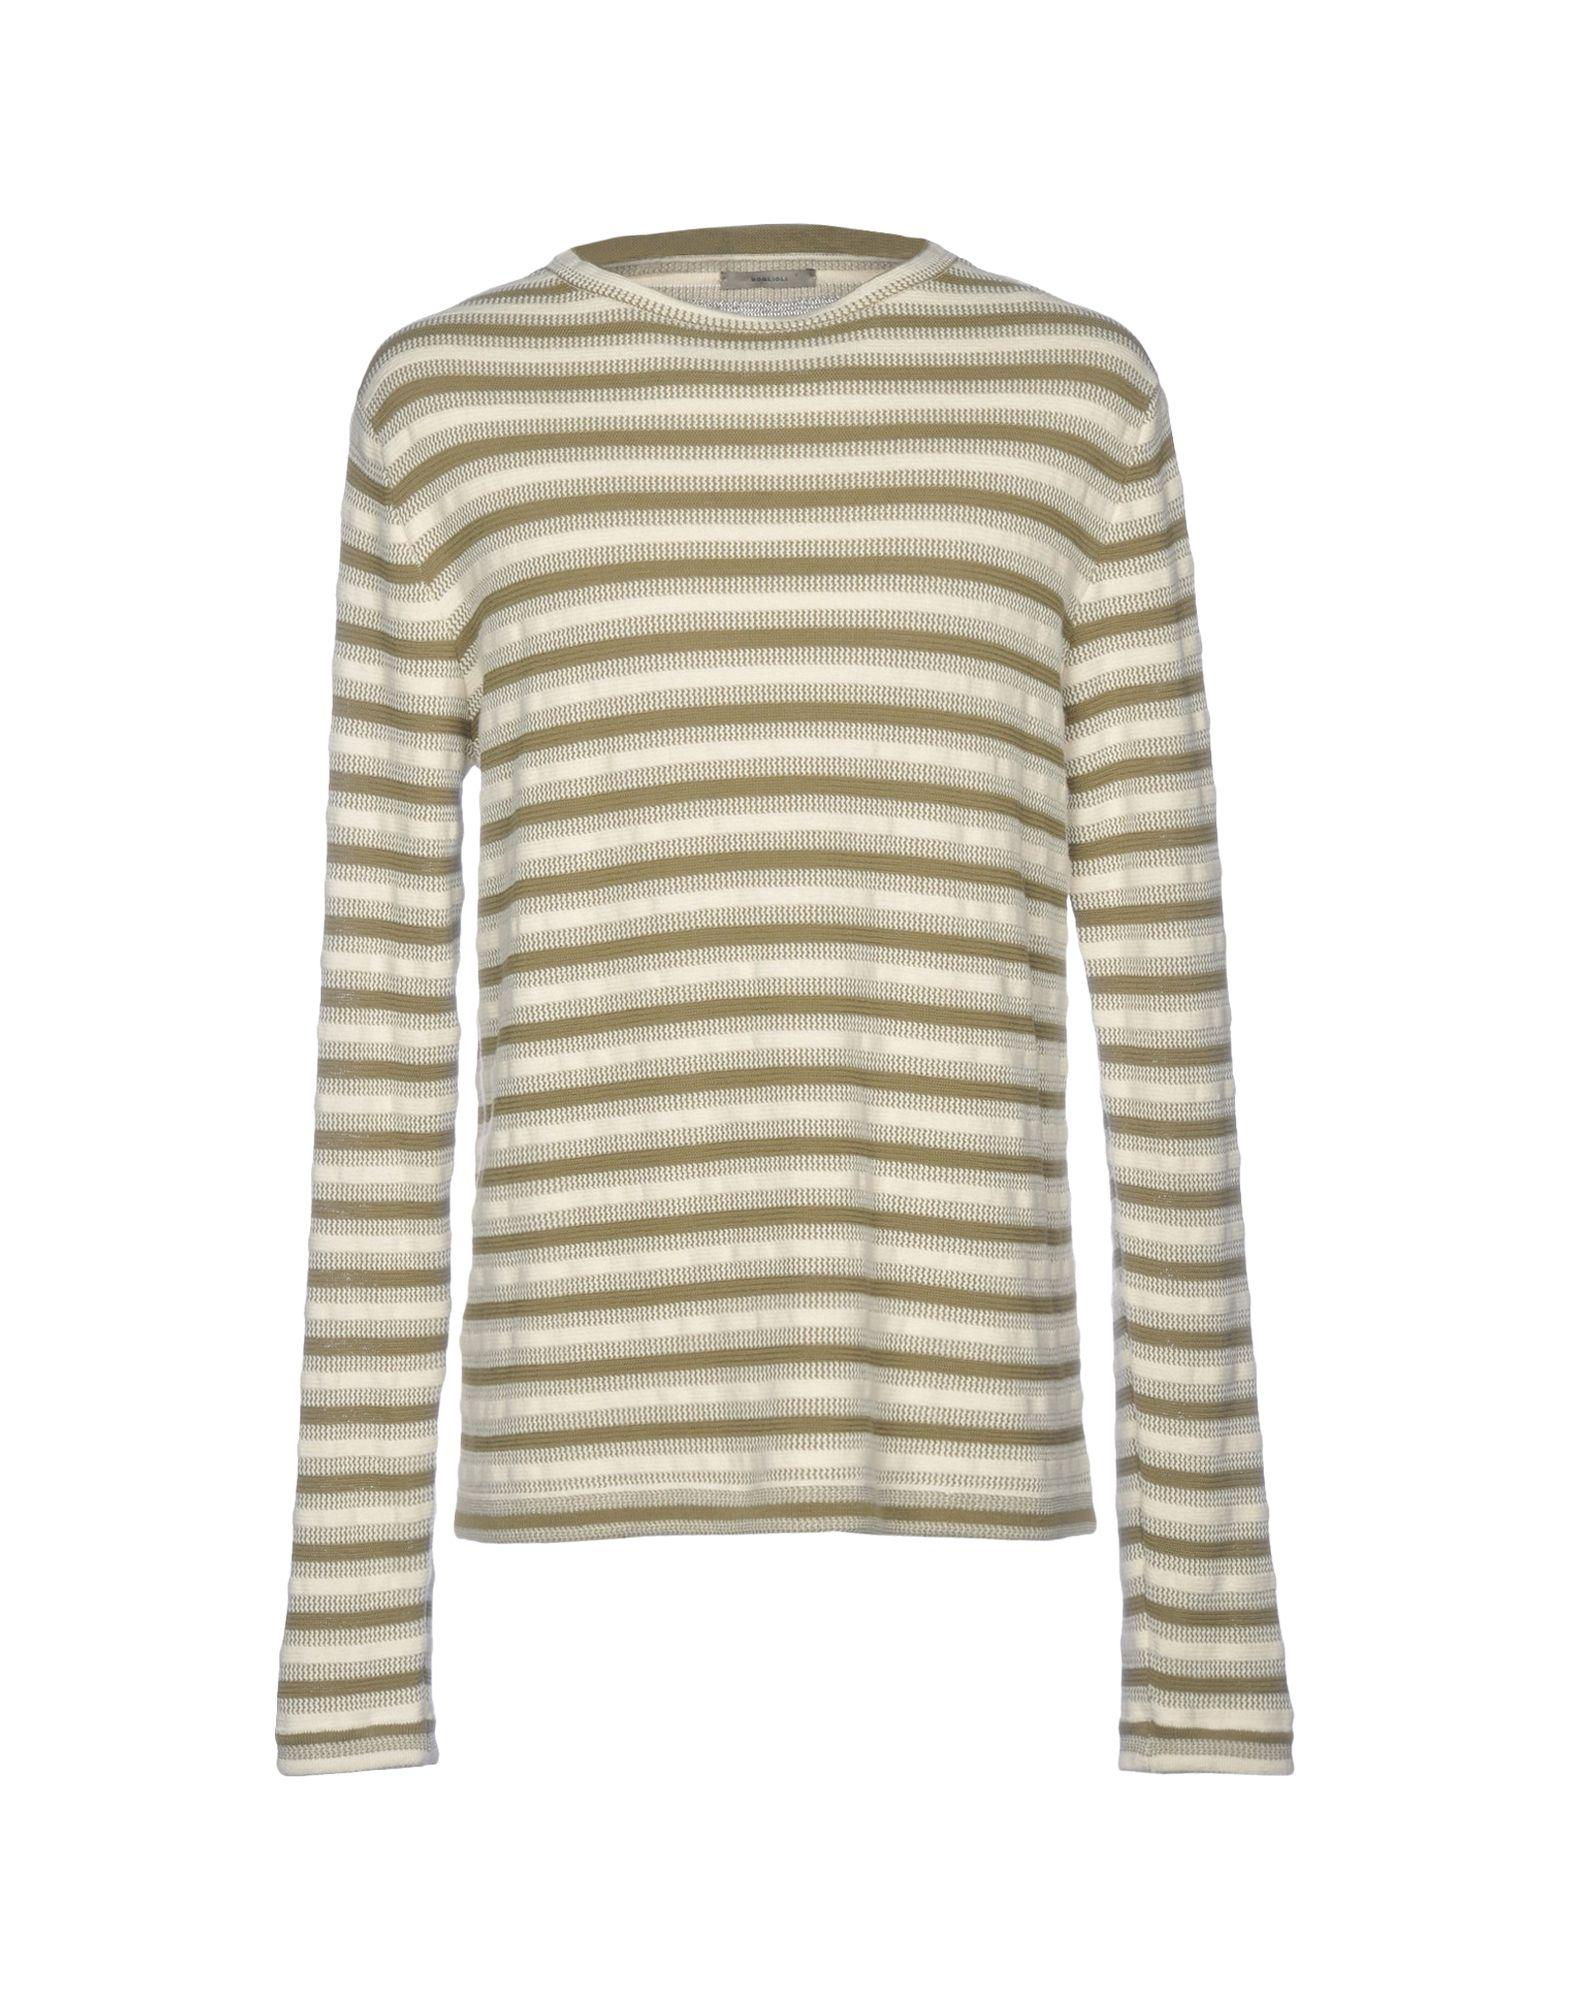 BOGLIOLI Свитер мужской свитер в полоску 52